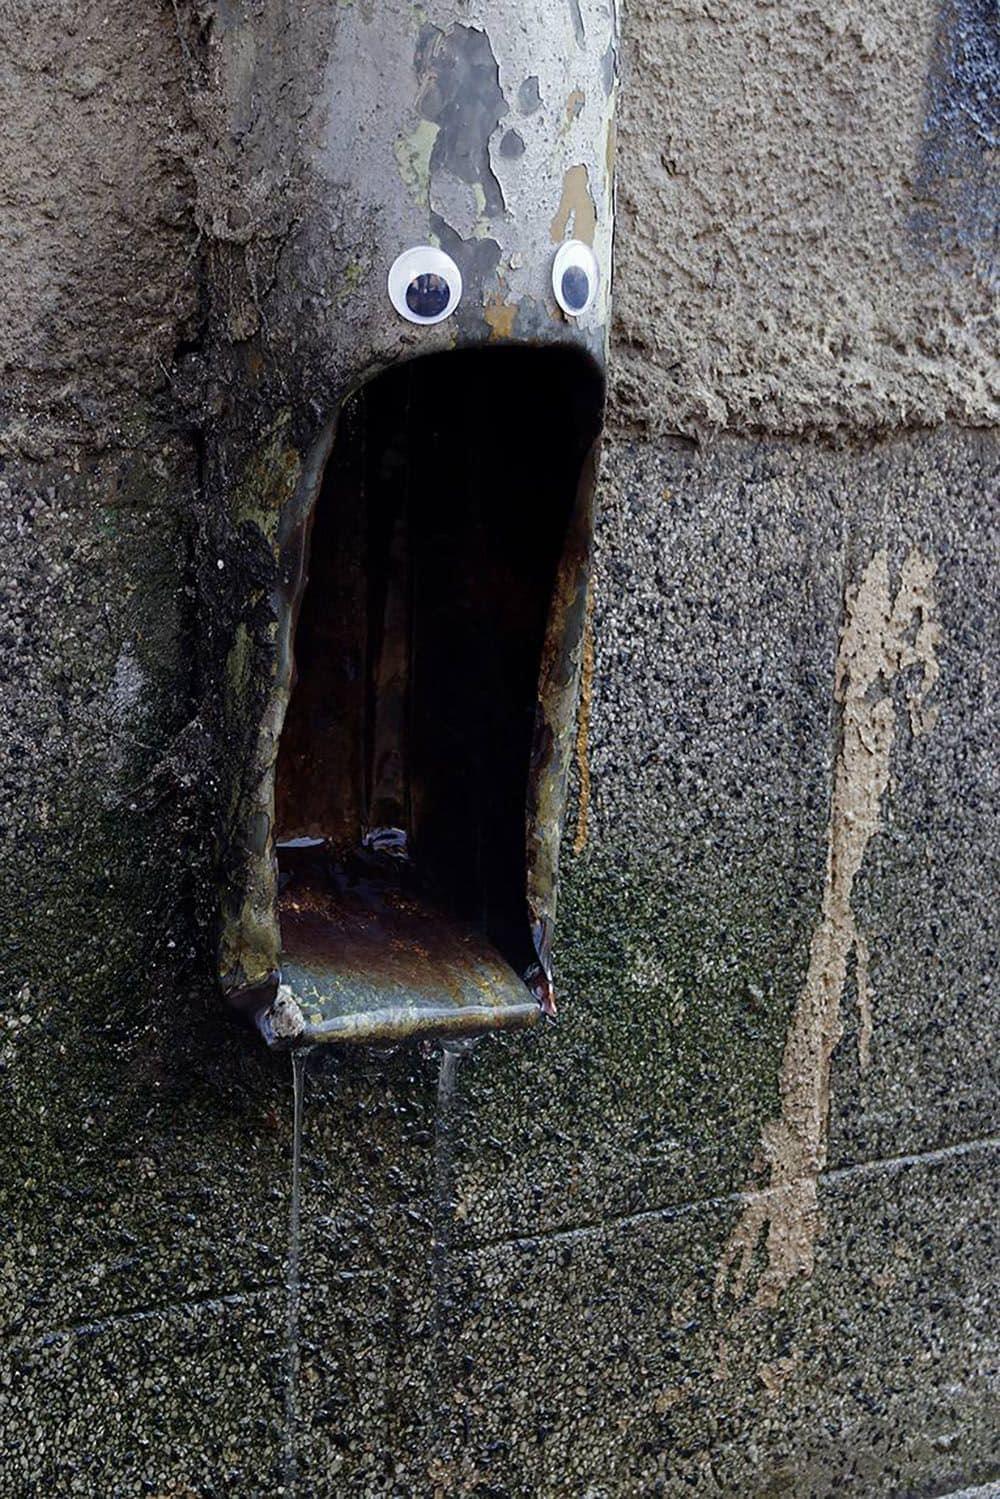 водосточная труба с приделанными глазами